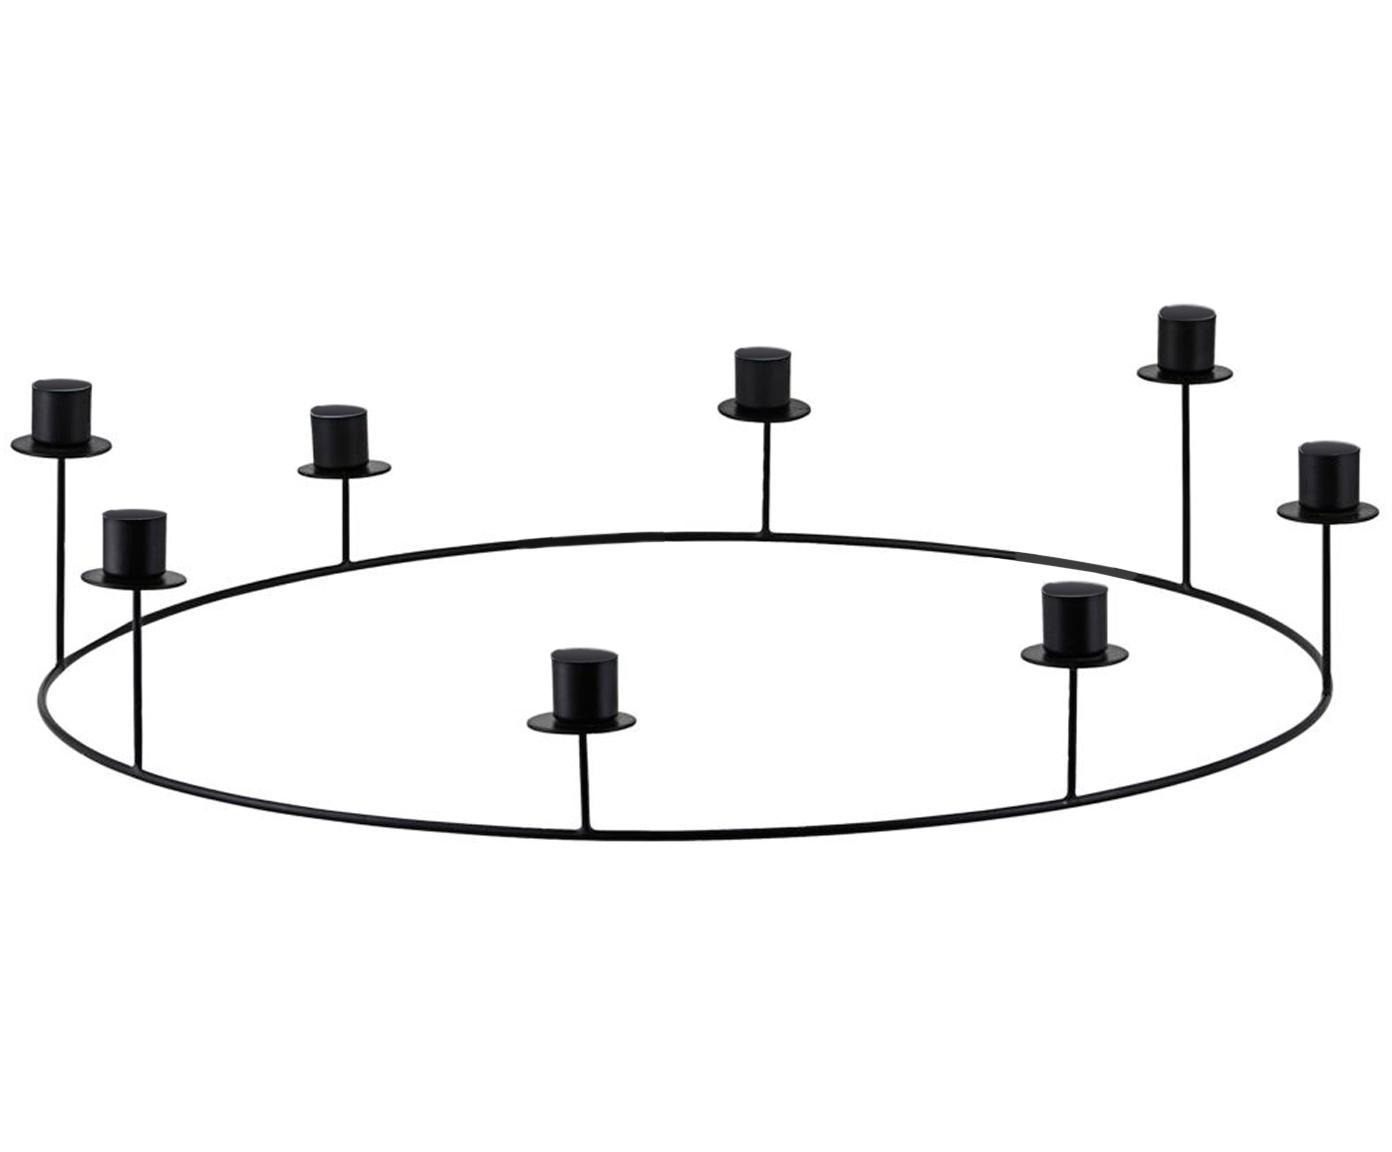 Świecznik Stilu, Metal powlekany, Czarny, Ø 50 x W 12 cm